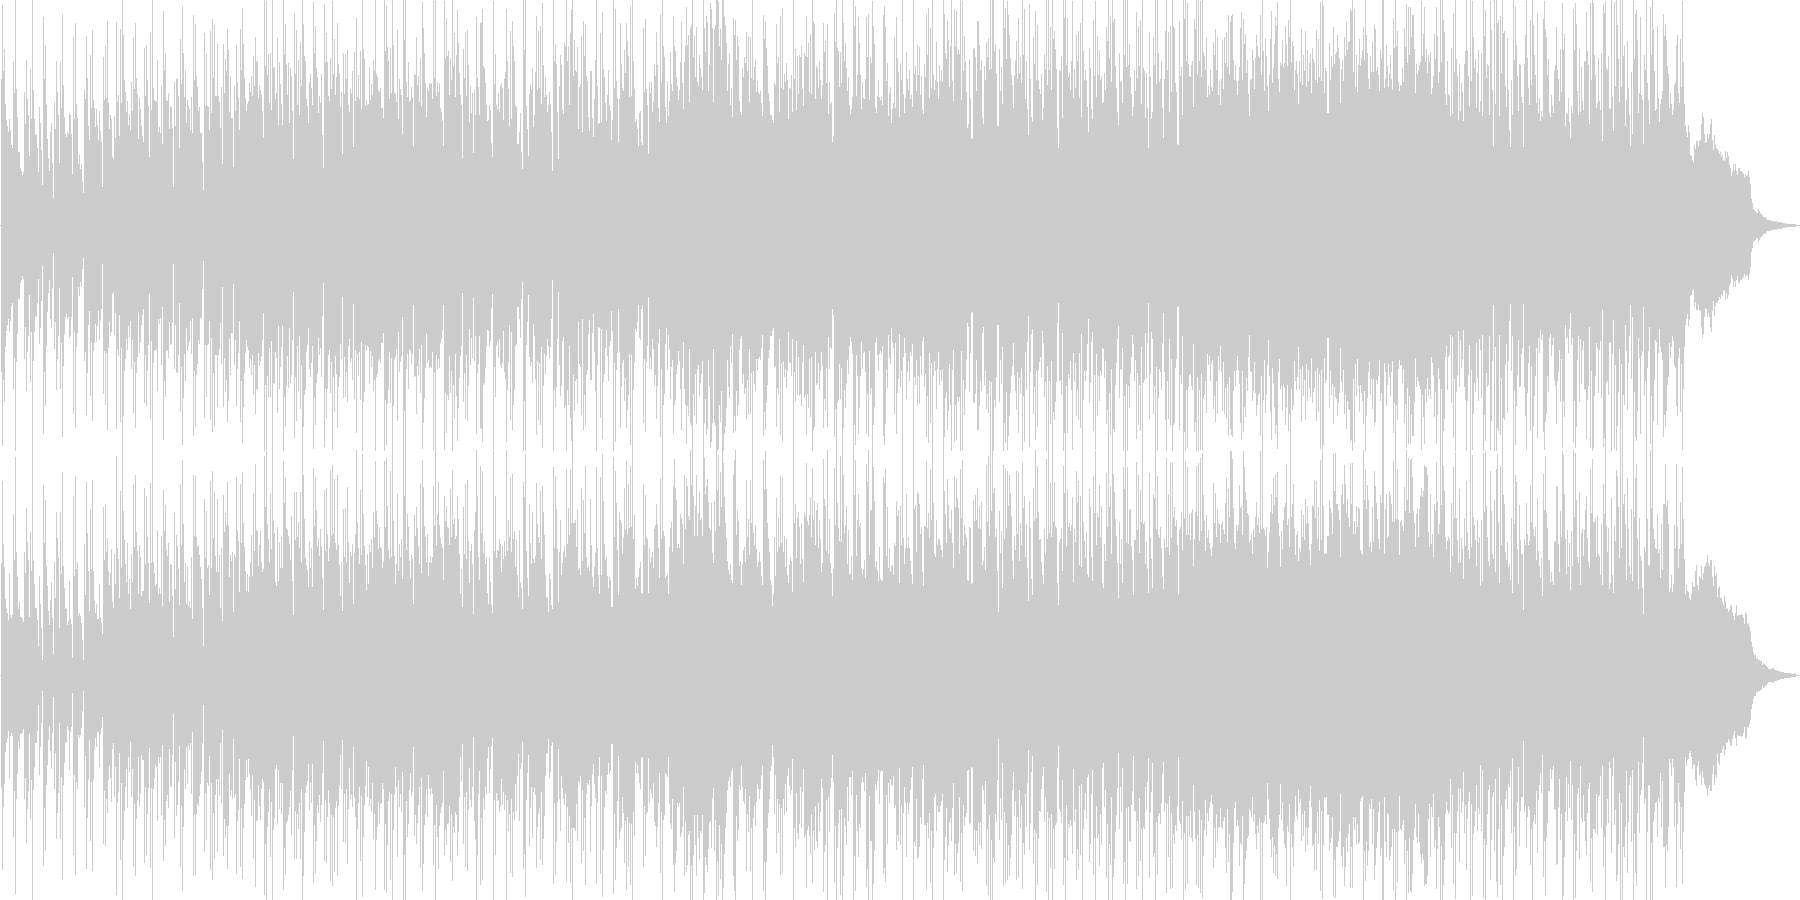 ドラムがリズミカルでおしゃれなオリジナルの未再生の波形